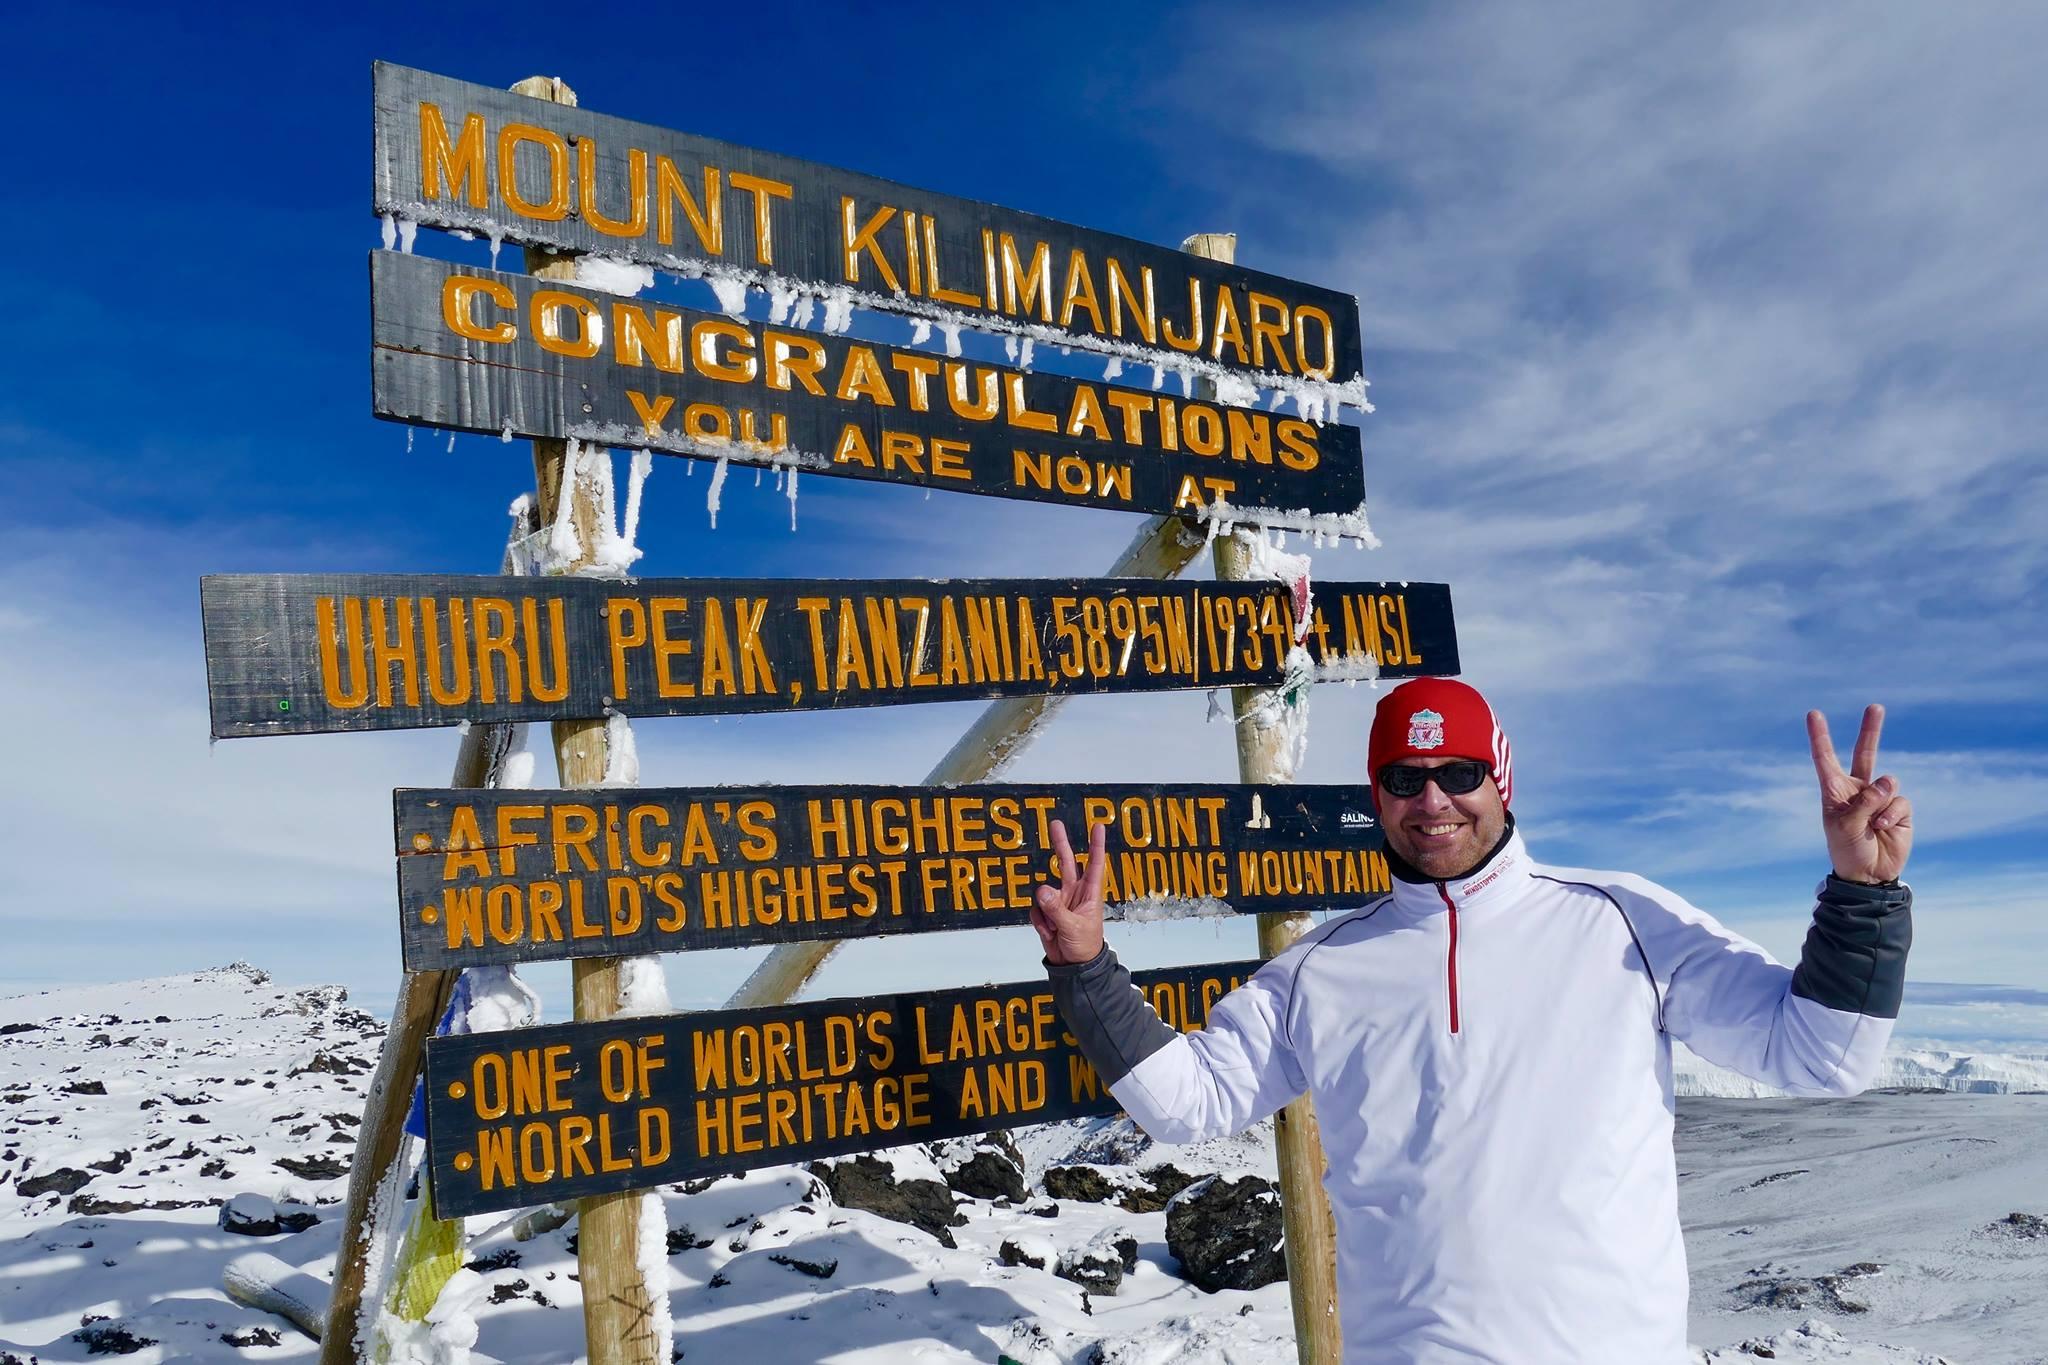 Jacob Hvids råd til Kilimanjaro